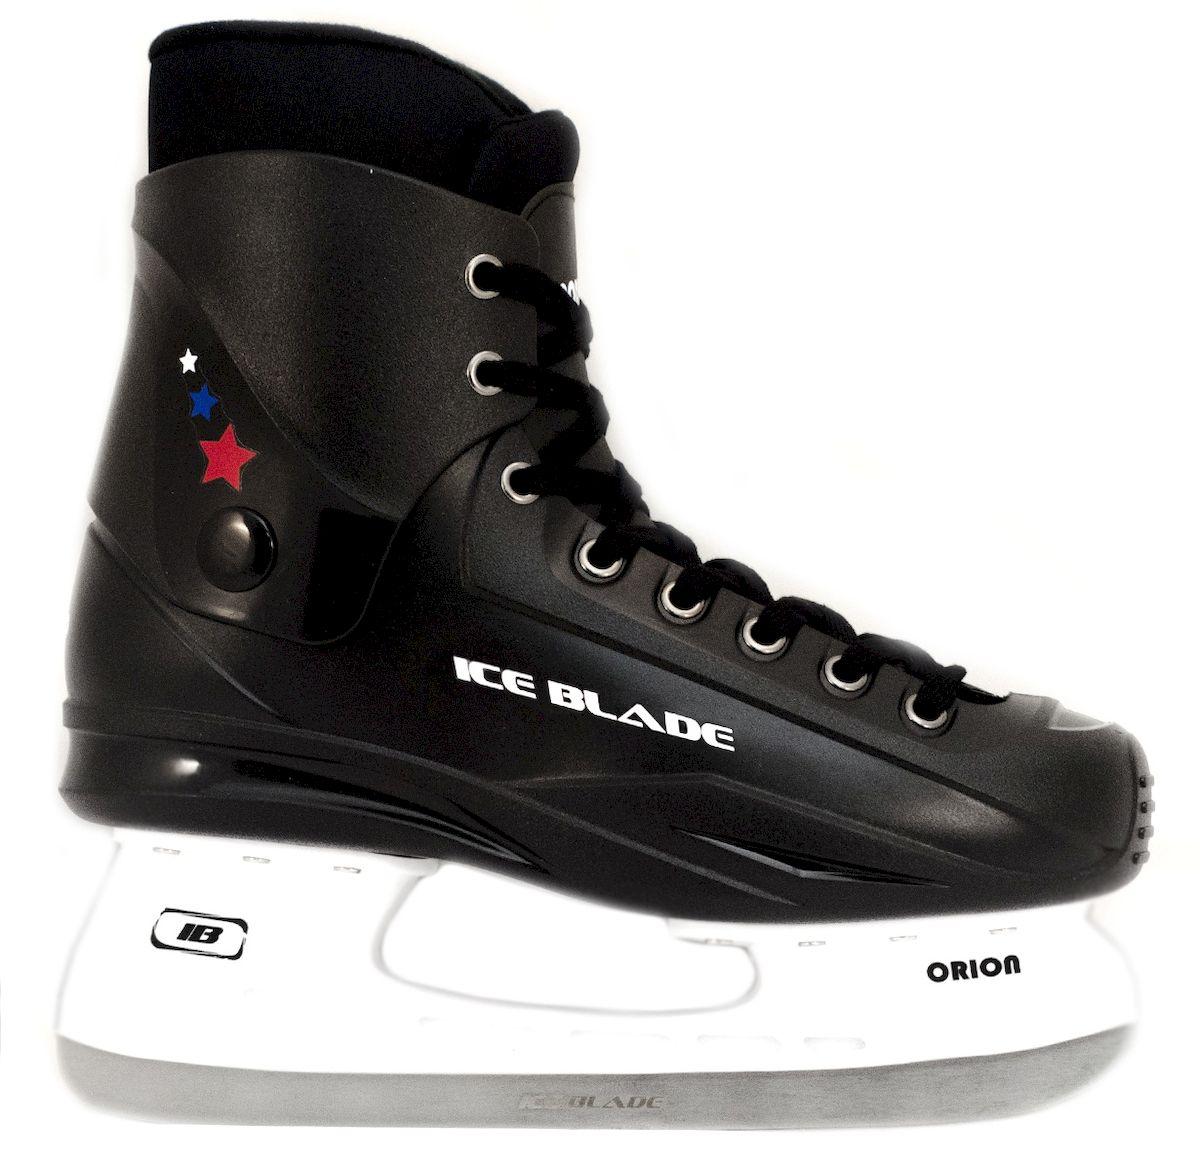 Коньки хоккейные Ice Blade Orion, цвет: черный. УТ-00004984. Размер 45УТ-00004984Коньки хоккейные Ice Blade Orion - это хоккейные коньки для любых возрастов. Конструкция прекрасно защищает стопу, очень комфортна для активного катания, а также позволяет играть в хоккей. Легкий ботинок очень комфортный как для простого катания на льду, так и для любительского хоккея. Ботинок выполнен из высококачественного морозостойкого пластика и нейлоновой сетки. Внутренний сапожок утеплен мягким и дышащим вельветом, а язычок усилен специальной вставкой для большей безопасности стопы. Лезвие изготовлено из высокоуглеродистой стали, что гарантирует прочность и долговечность.Удобная система фиксации ноги и улучшенная колодка сделают катание комфортным и безопасным.